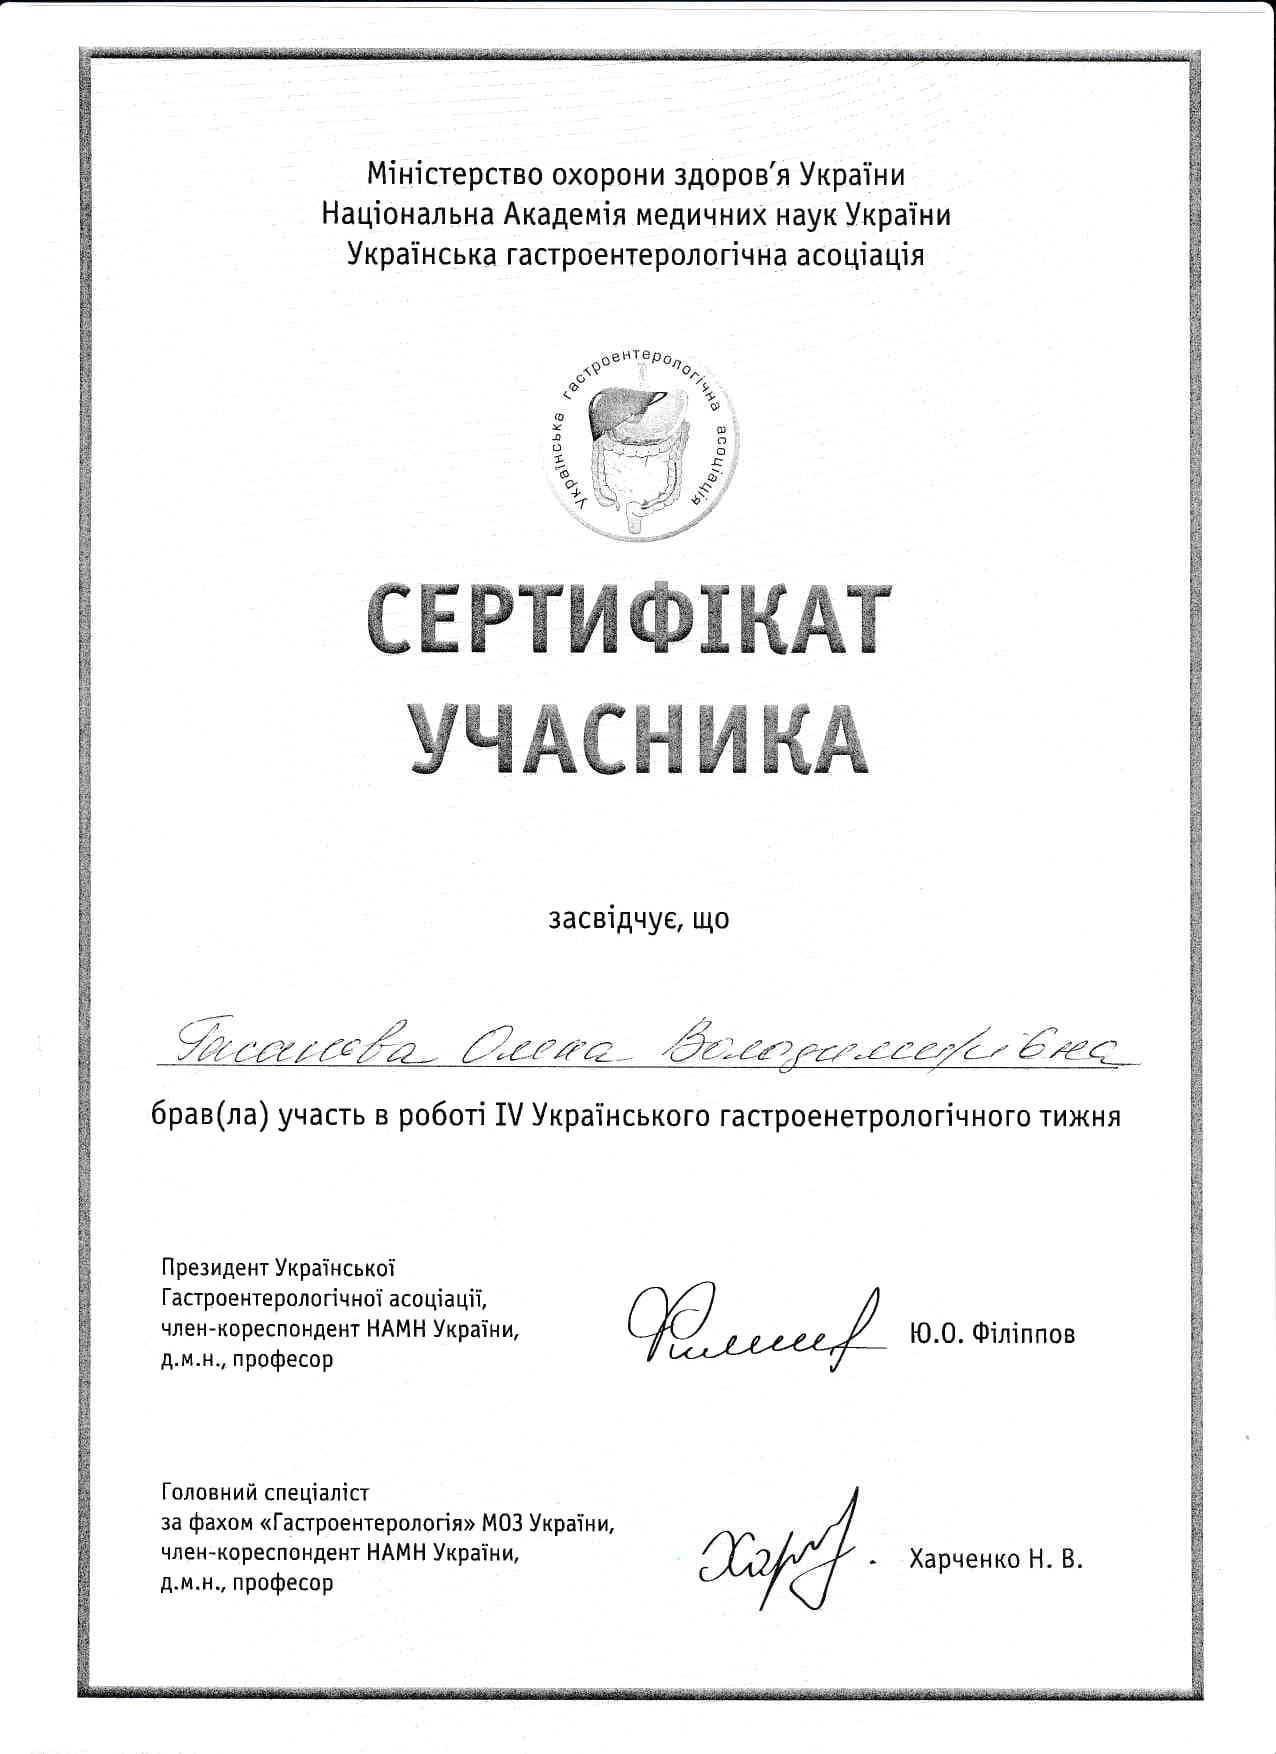 Сертификат об участии в работе ІV Украинской гастроэнтерологической недели